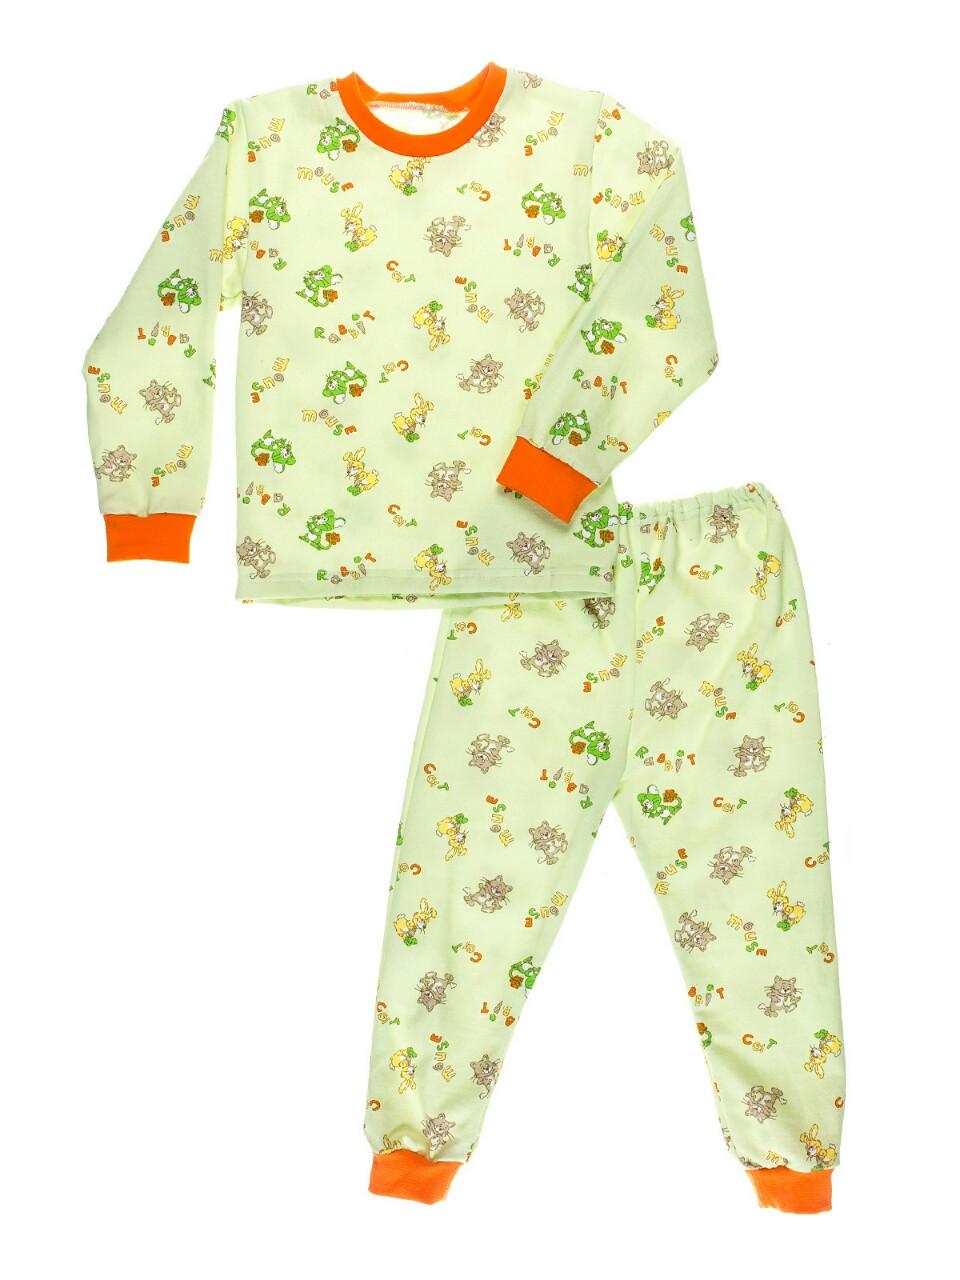 6b64d813695ff Пижама детская, теплая с начесом, салатовый фон, цена 99,99 грн ...